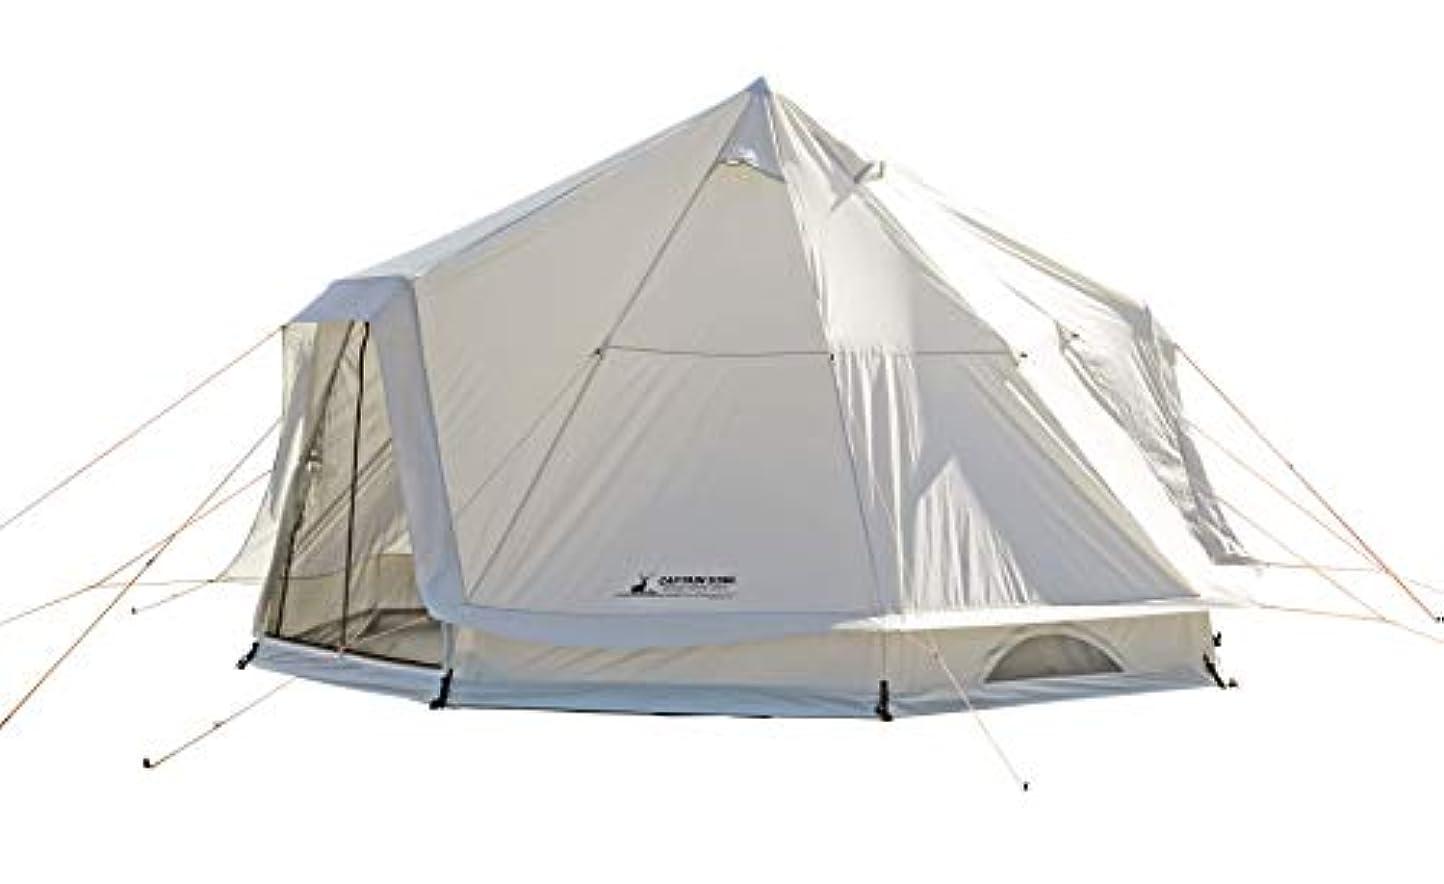 ボンド選択オーバーヘッドキャプテンスタッグ(CAPTAIN STAG) テント ワンポールテント DXオクタゴン 460UV